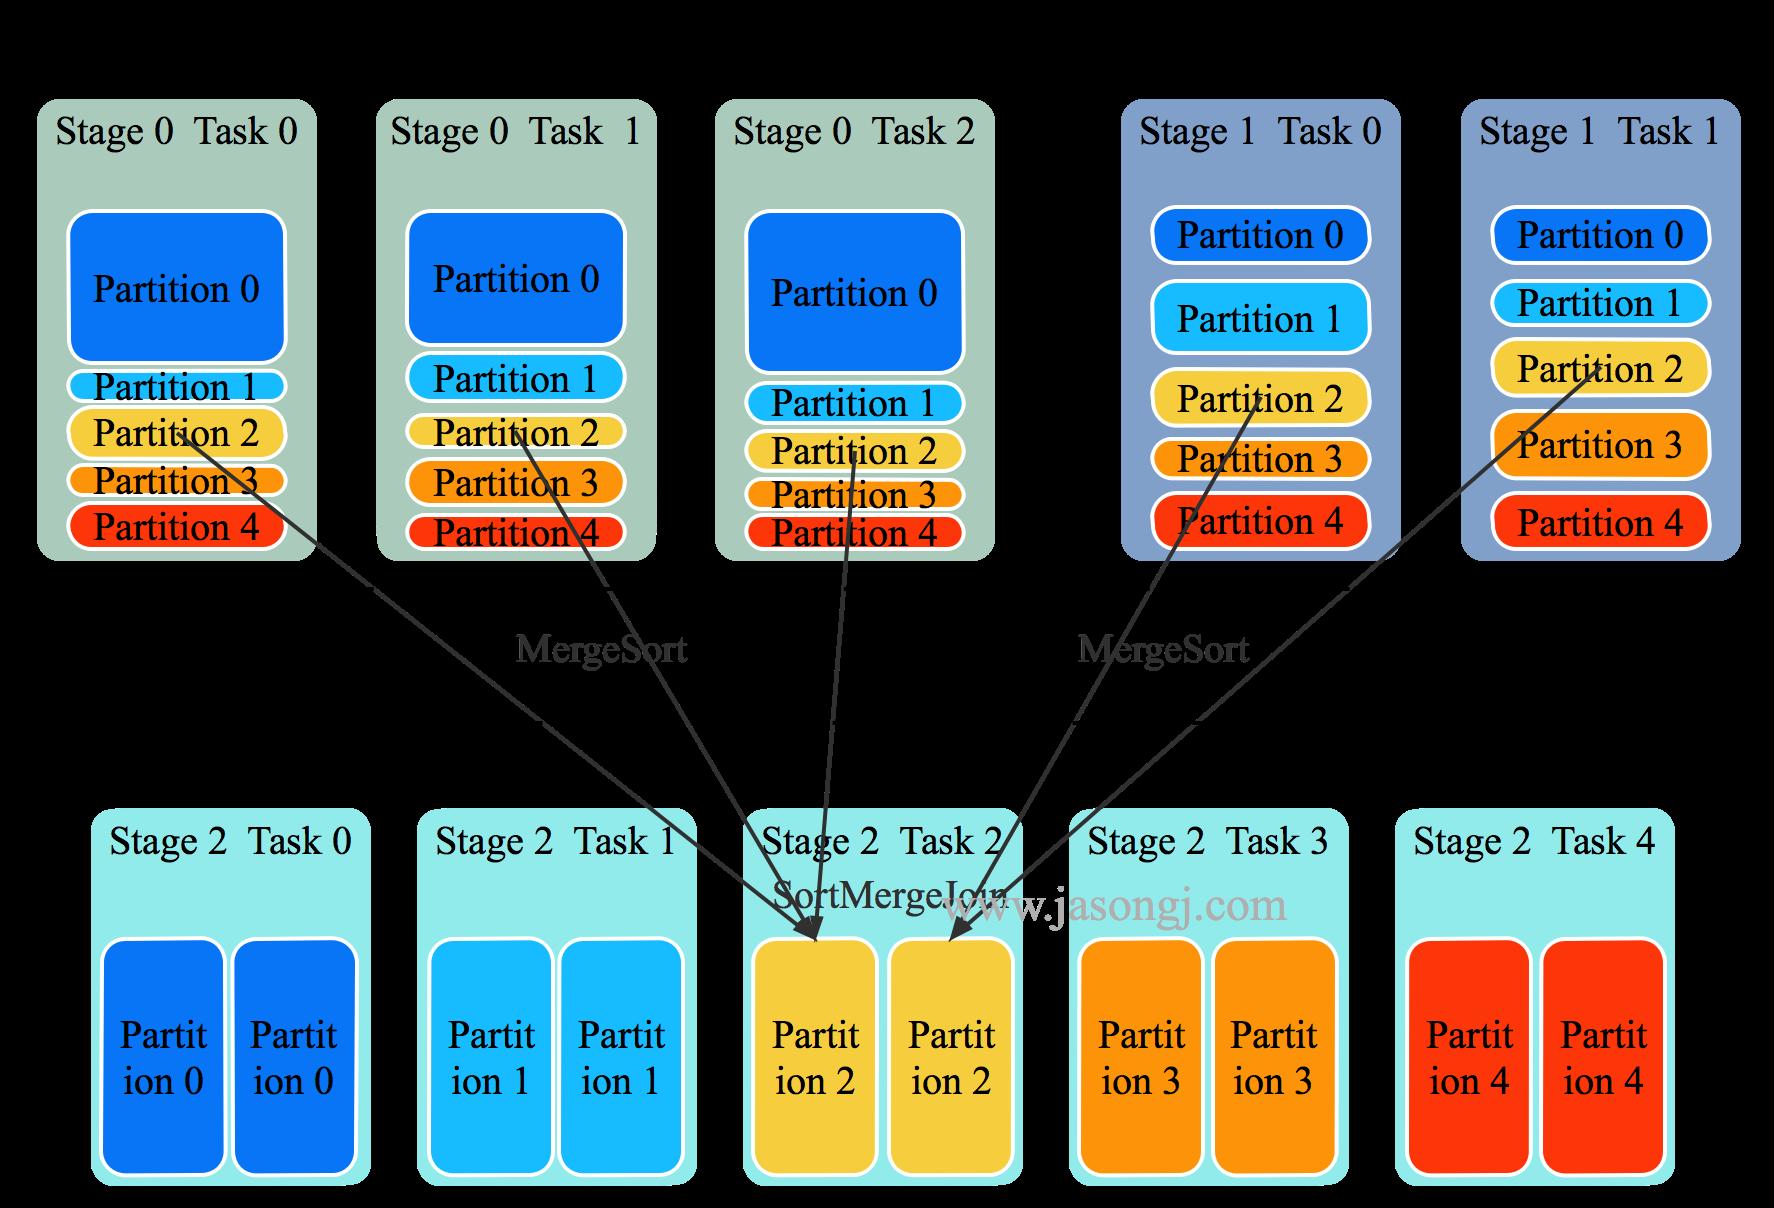 Spark SQL SortMergeJoin